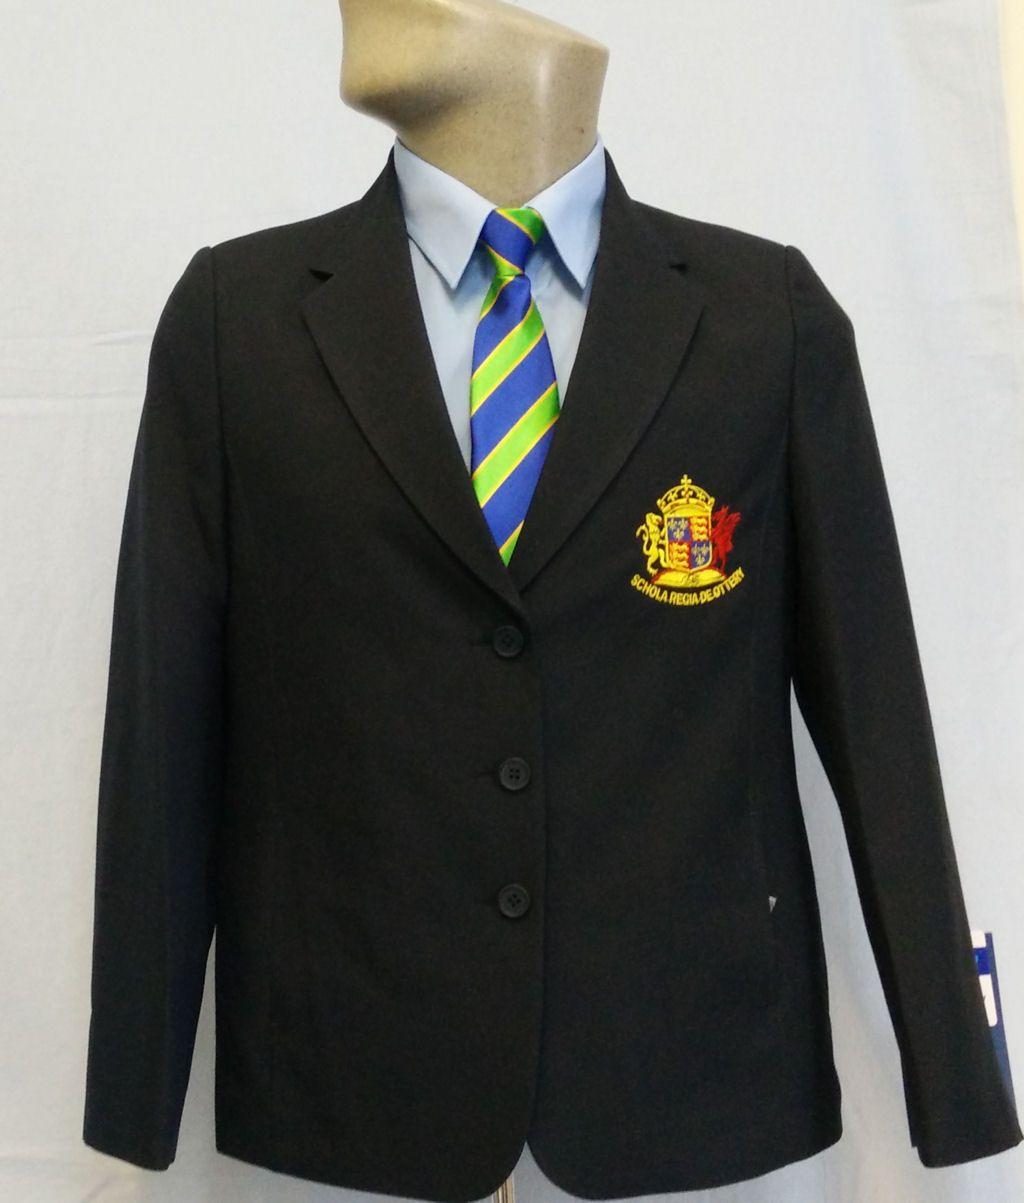 Kings School Girls Jacket